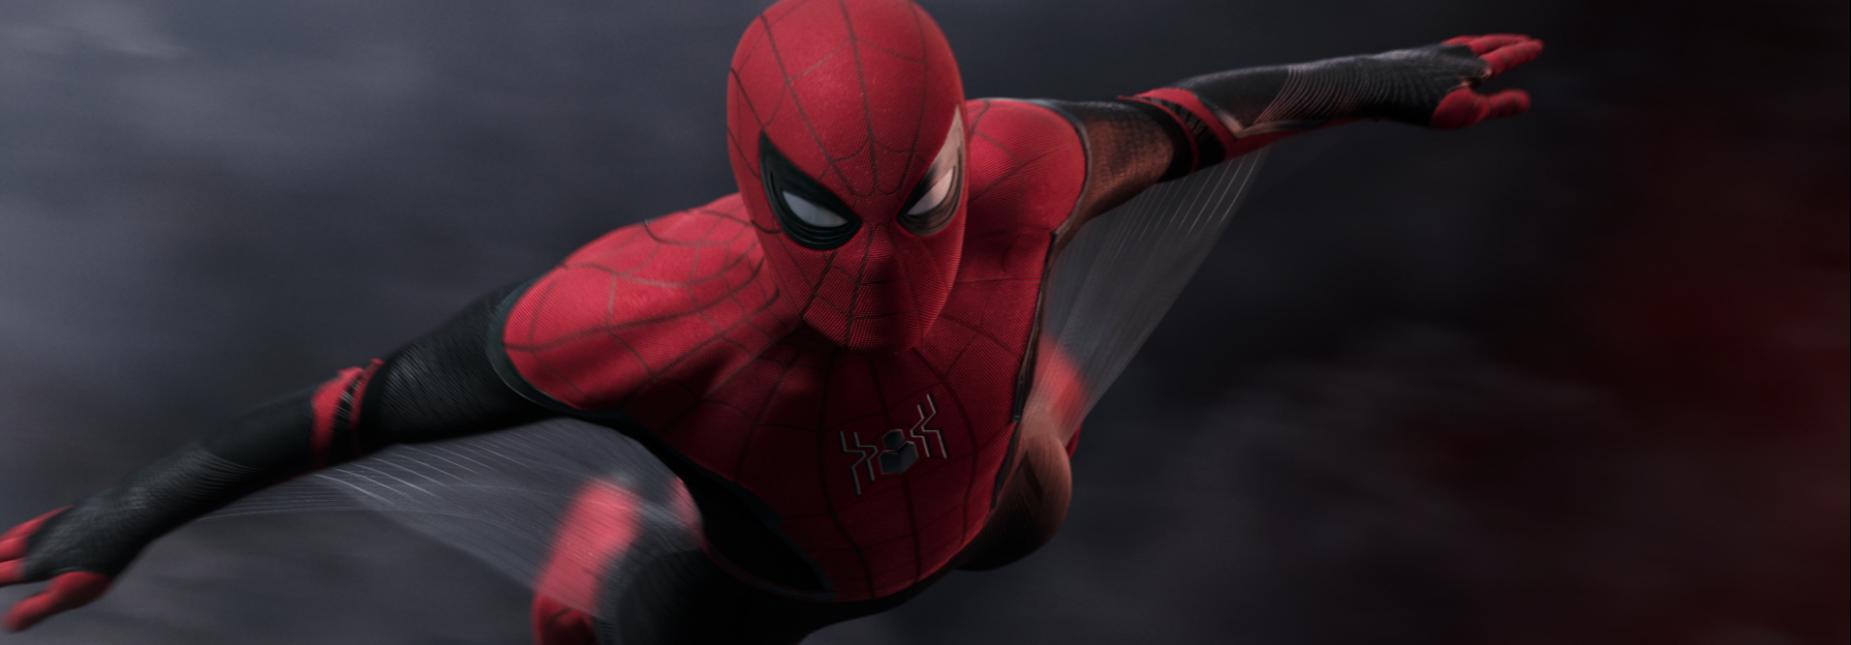 超级英雄们神秘缺场,蜘蛛侠再度现身